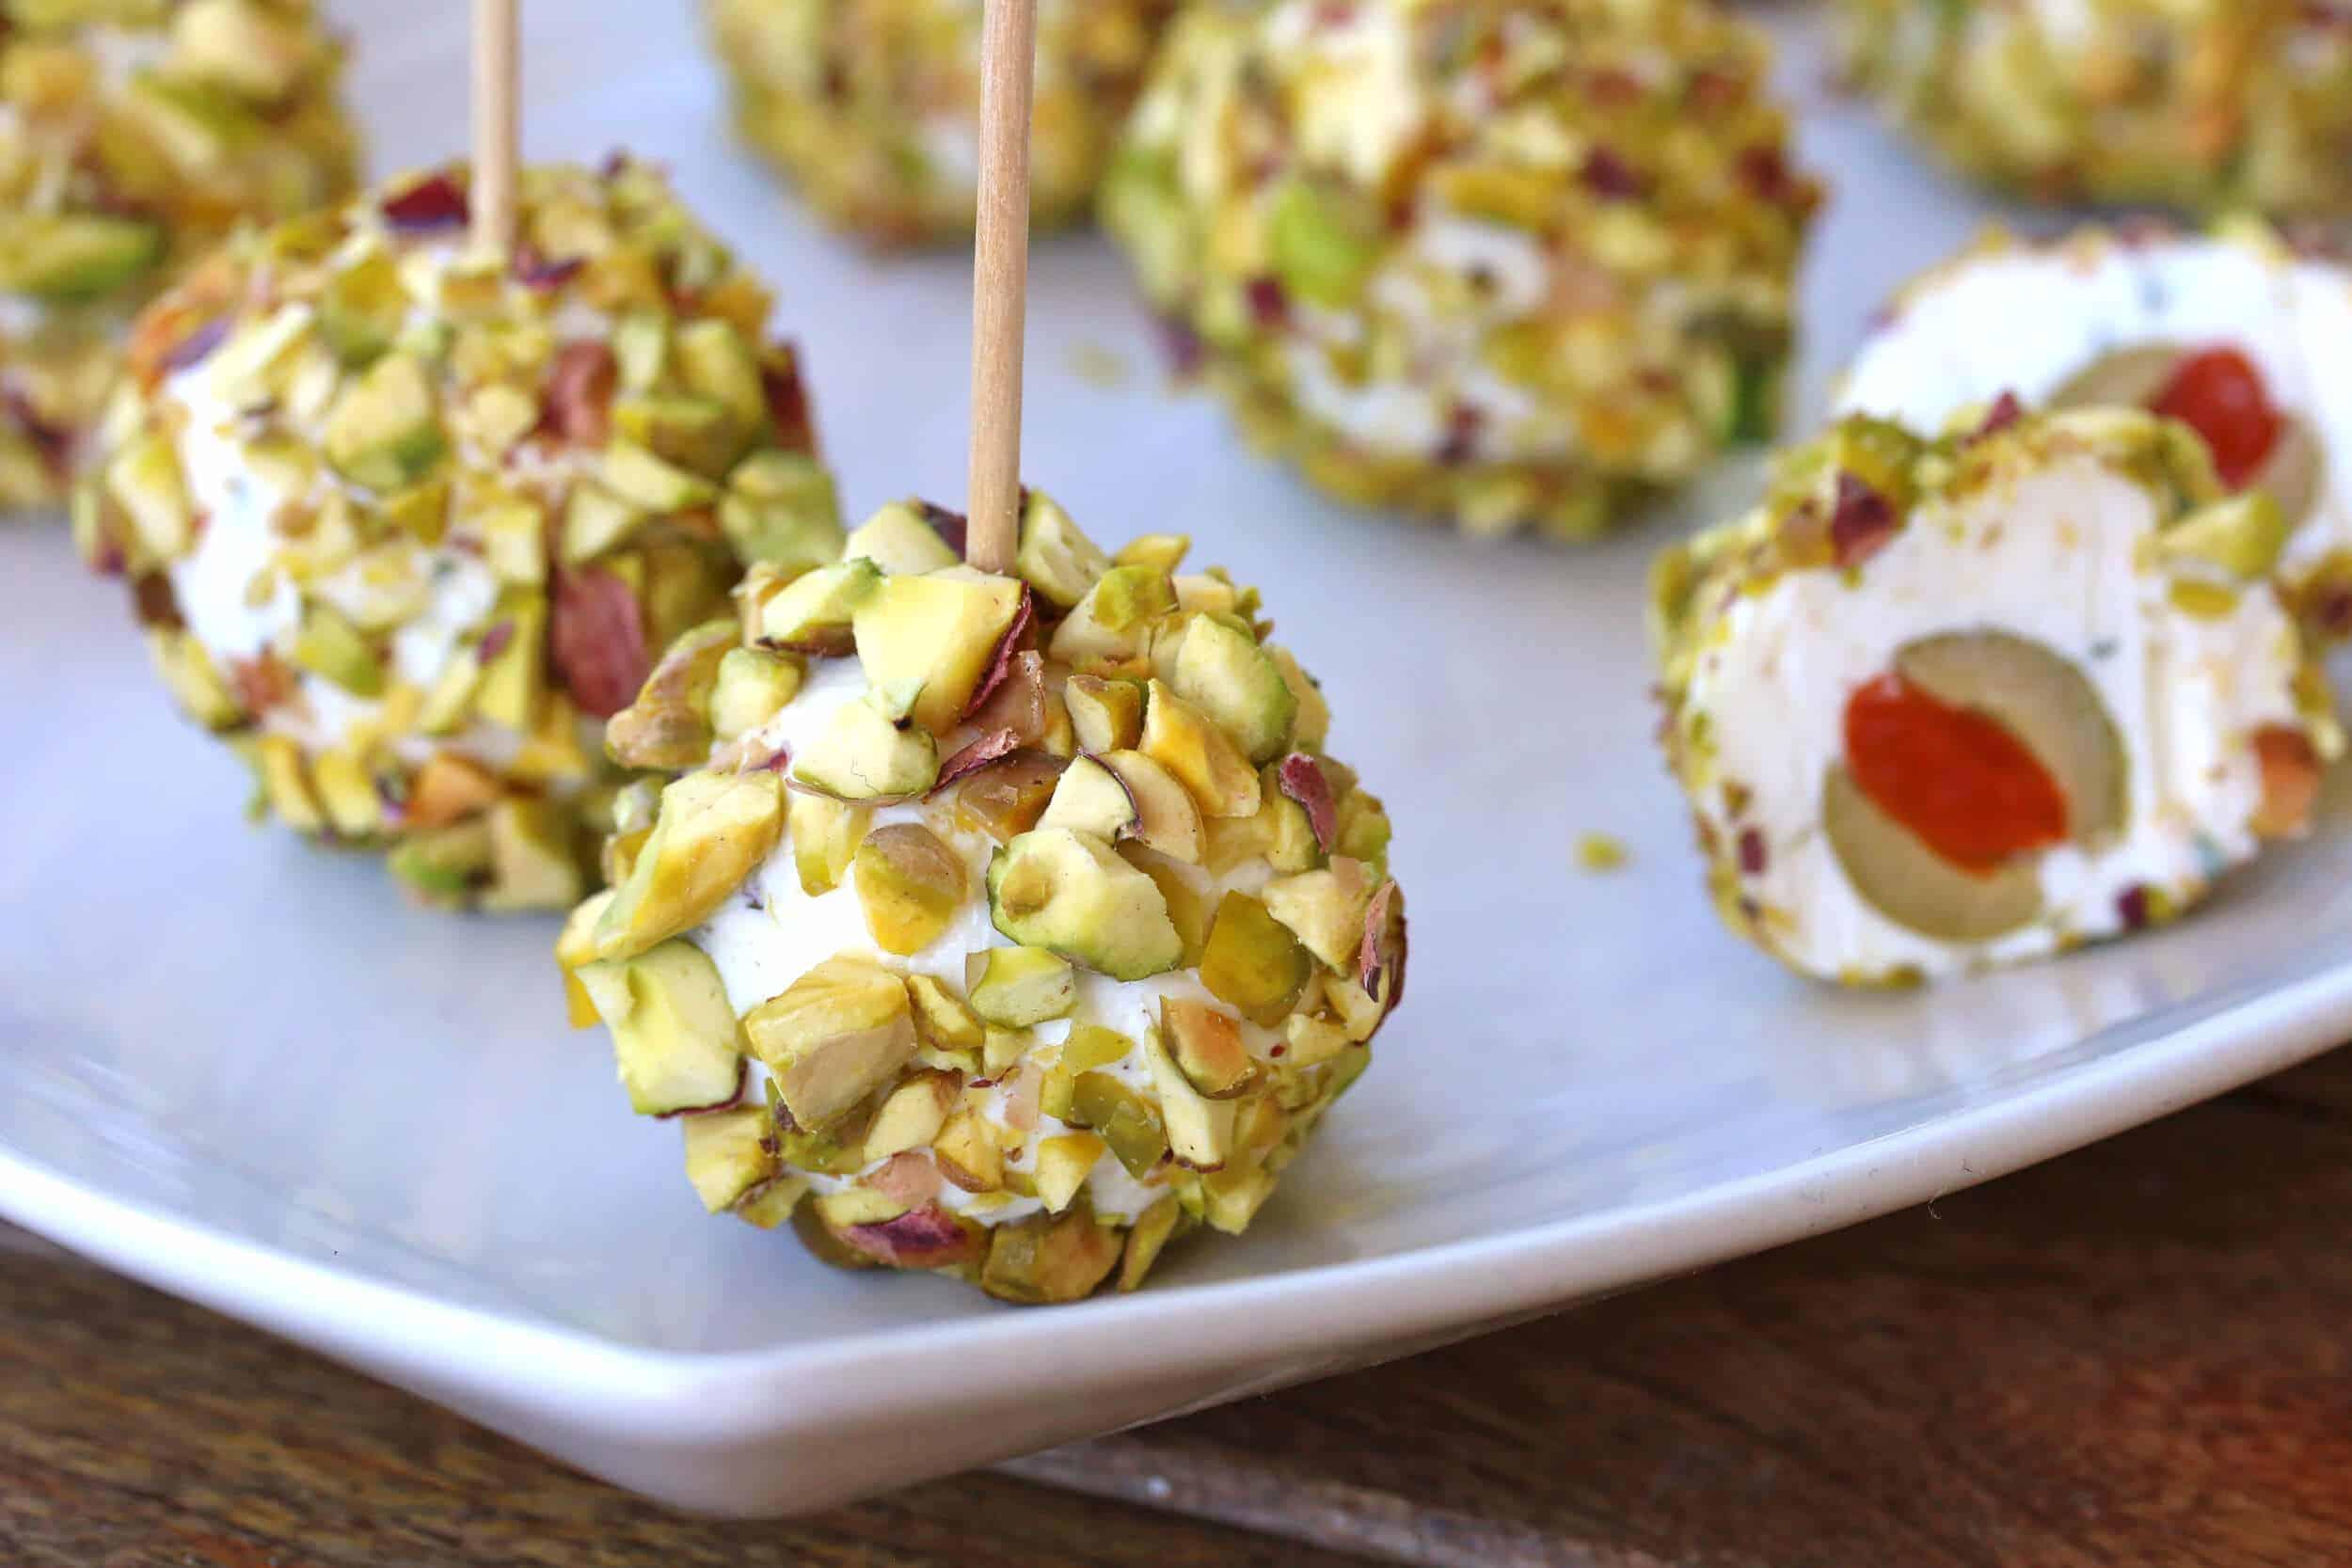 pistachio-lemon-cheeseballs-1-lighter